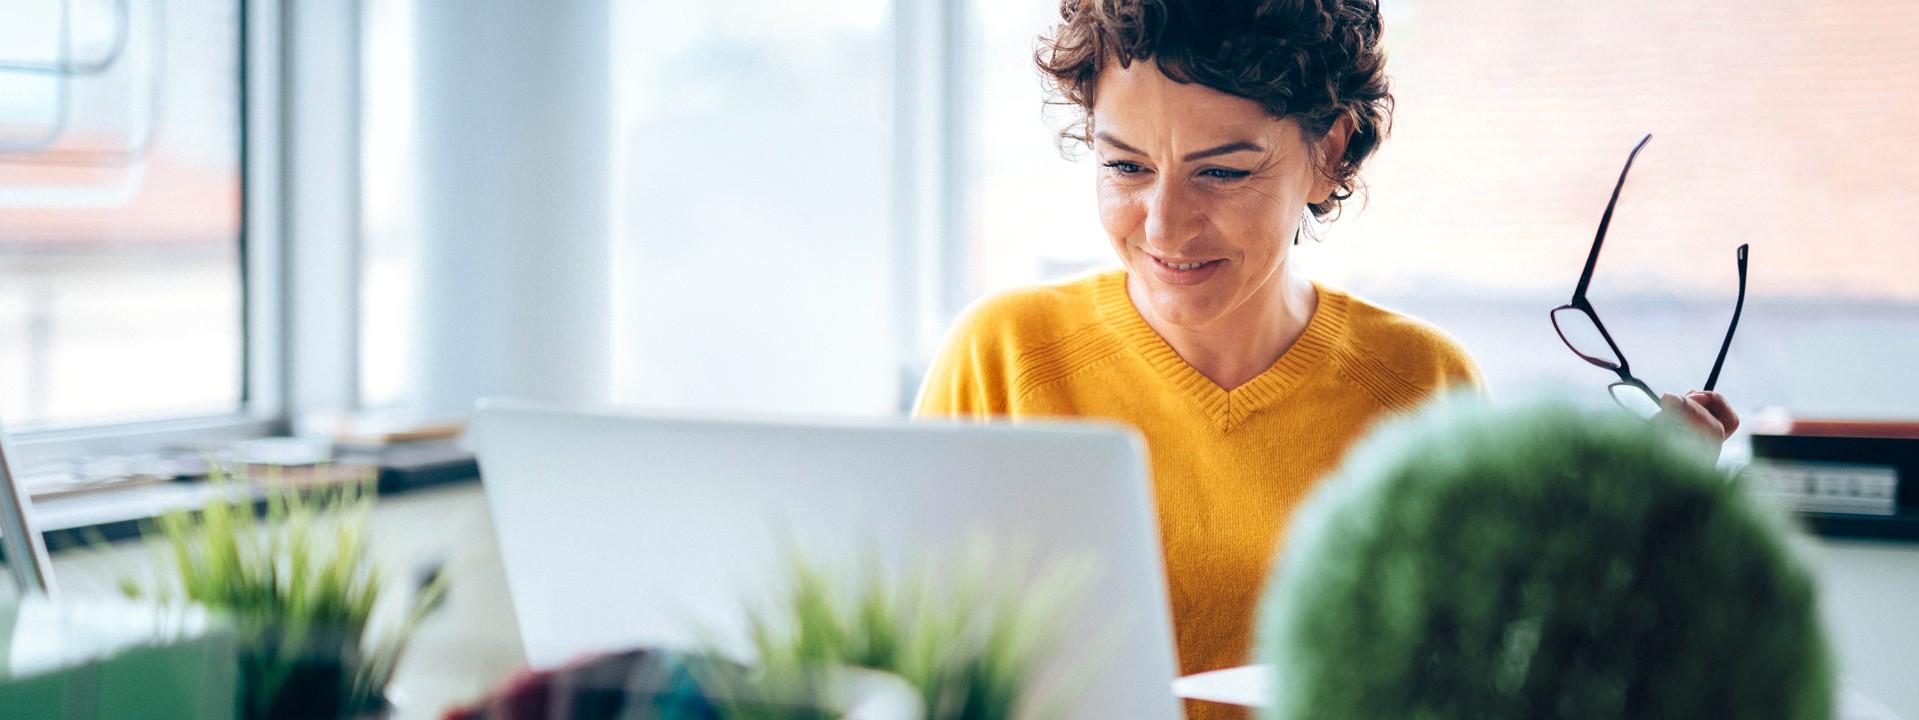 Eine brünette Frau hat eine Brille in der linken Hand, sitzt an einem Schreibtisch und schaut auf Ihren Laptop.